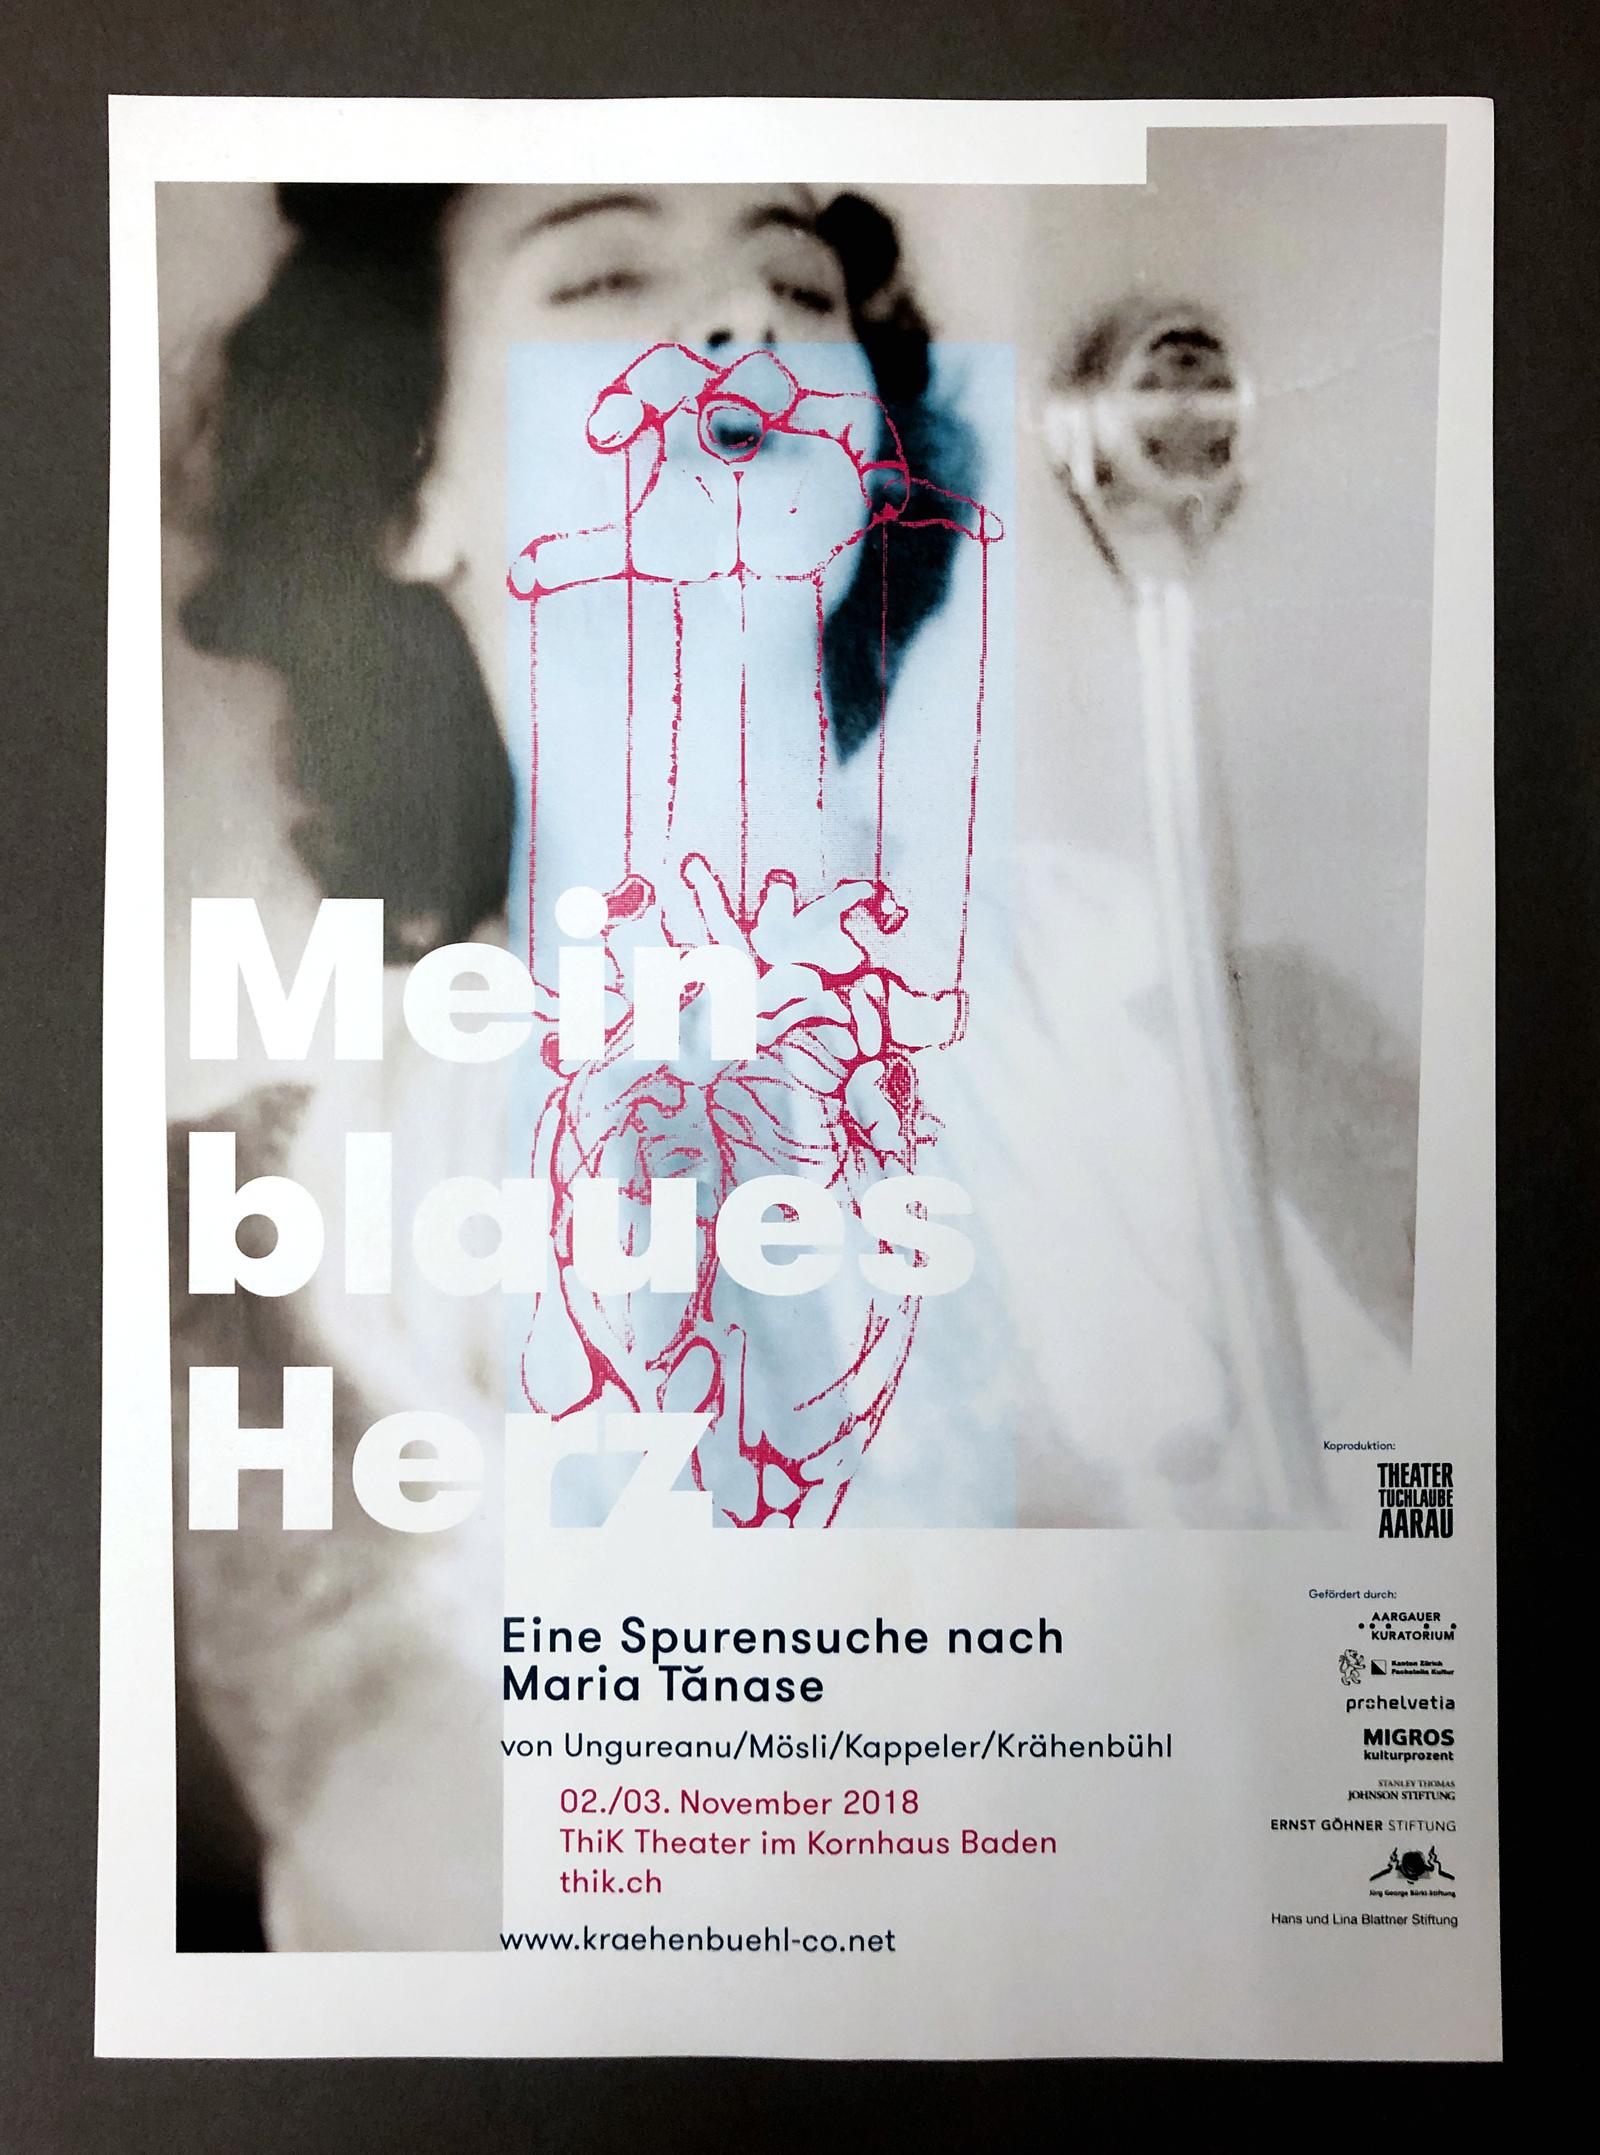 Krähenbühl & Co |Werbemittel diverse Theater-Produktionen